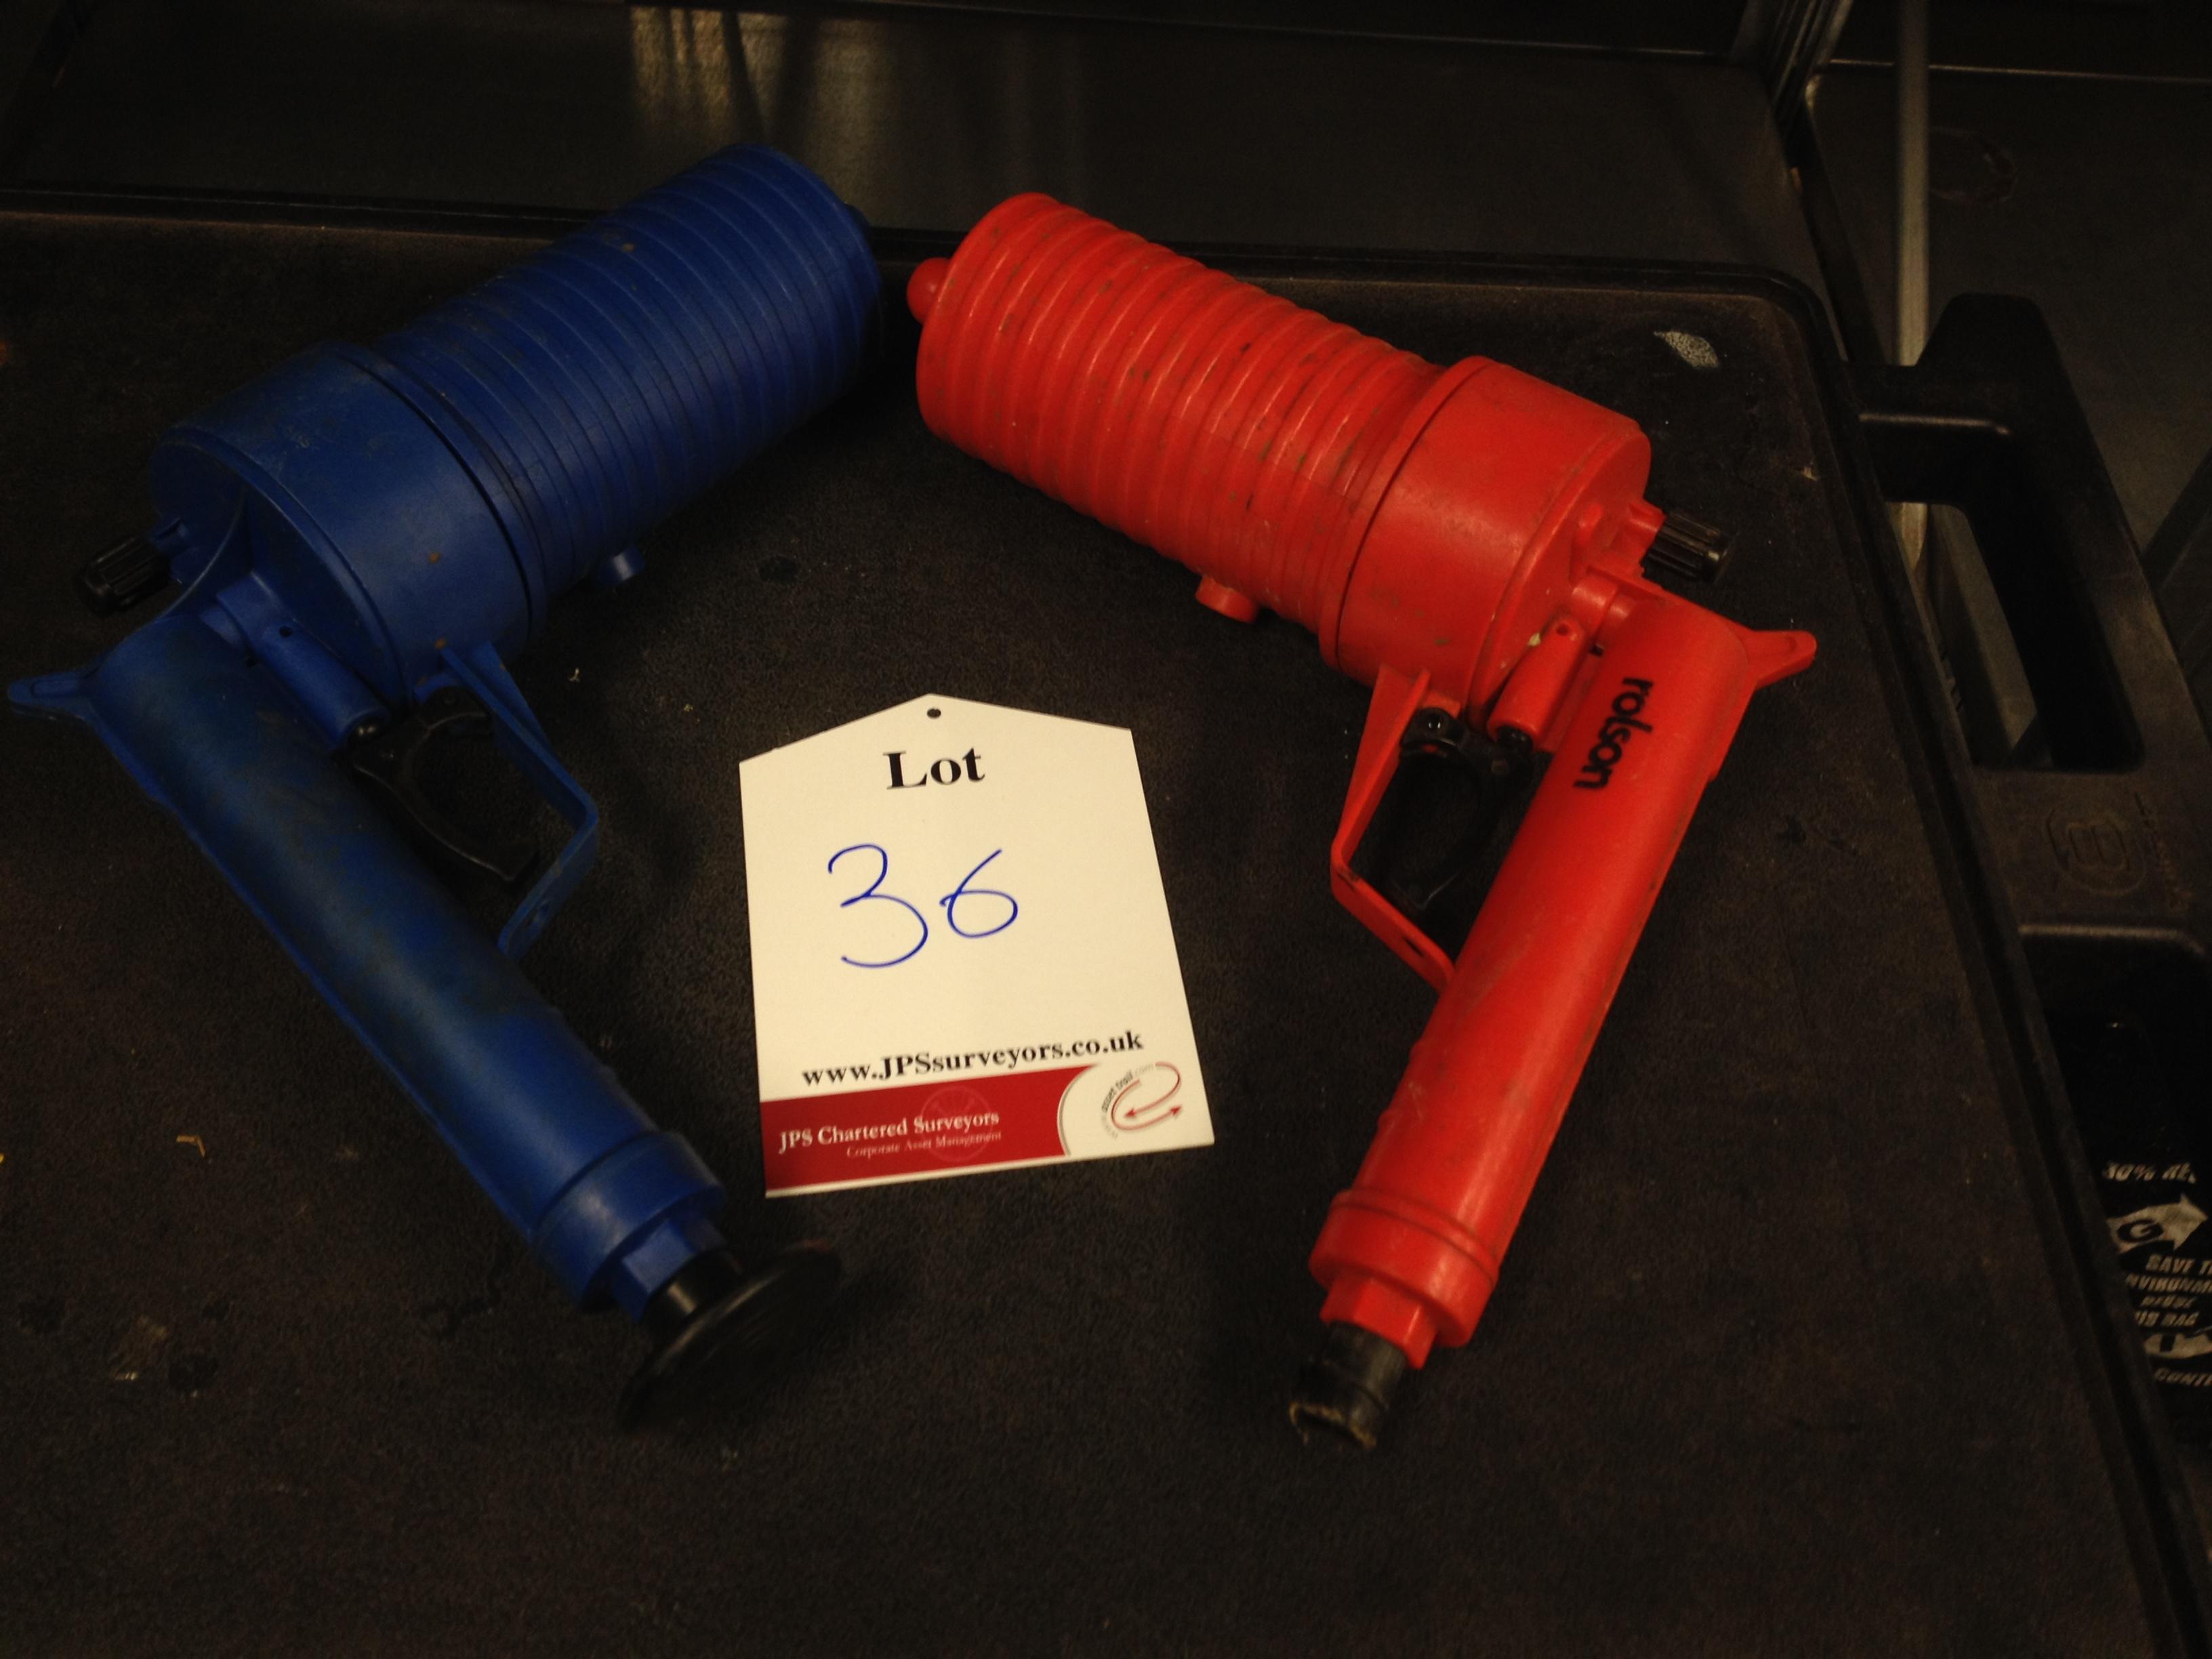 1 x Roison Air Drain Blaster, 2 x ProPlus Blue Air Drain Duster